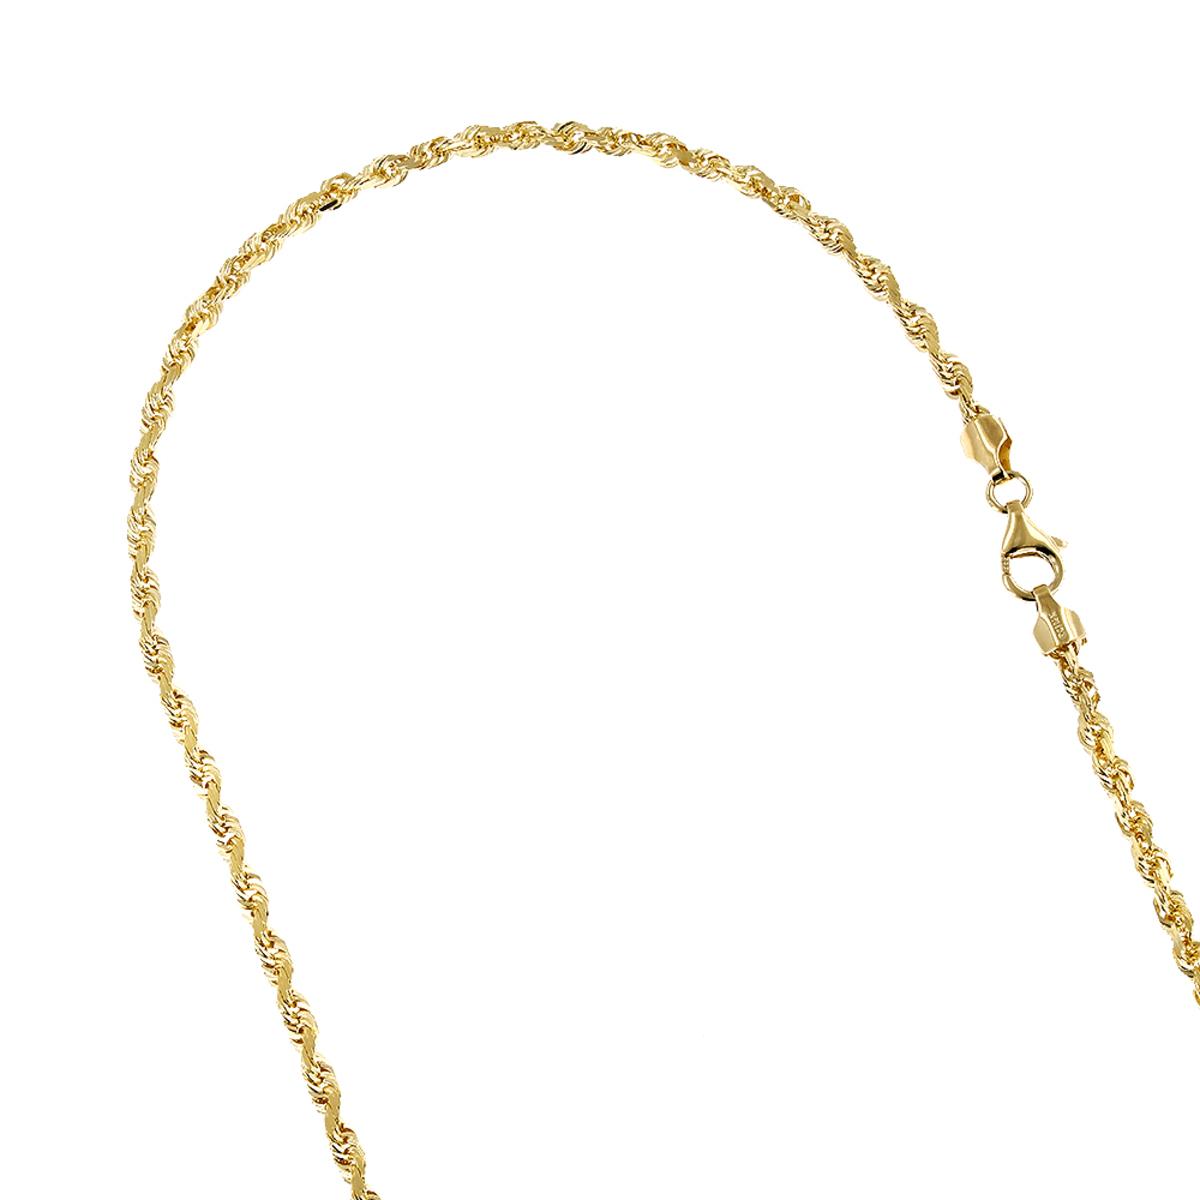 LUXURMAN Solid 10k Gold Rope Chain For Men & Women Diamond Cut 5mm